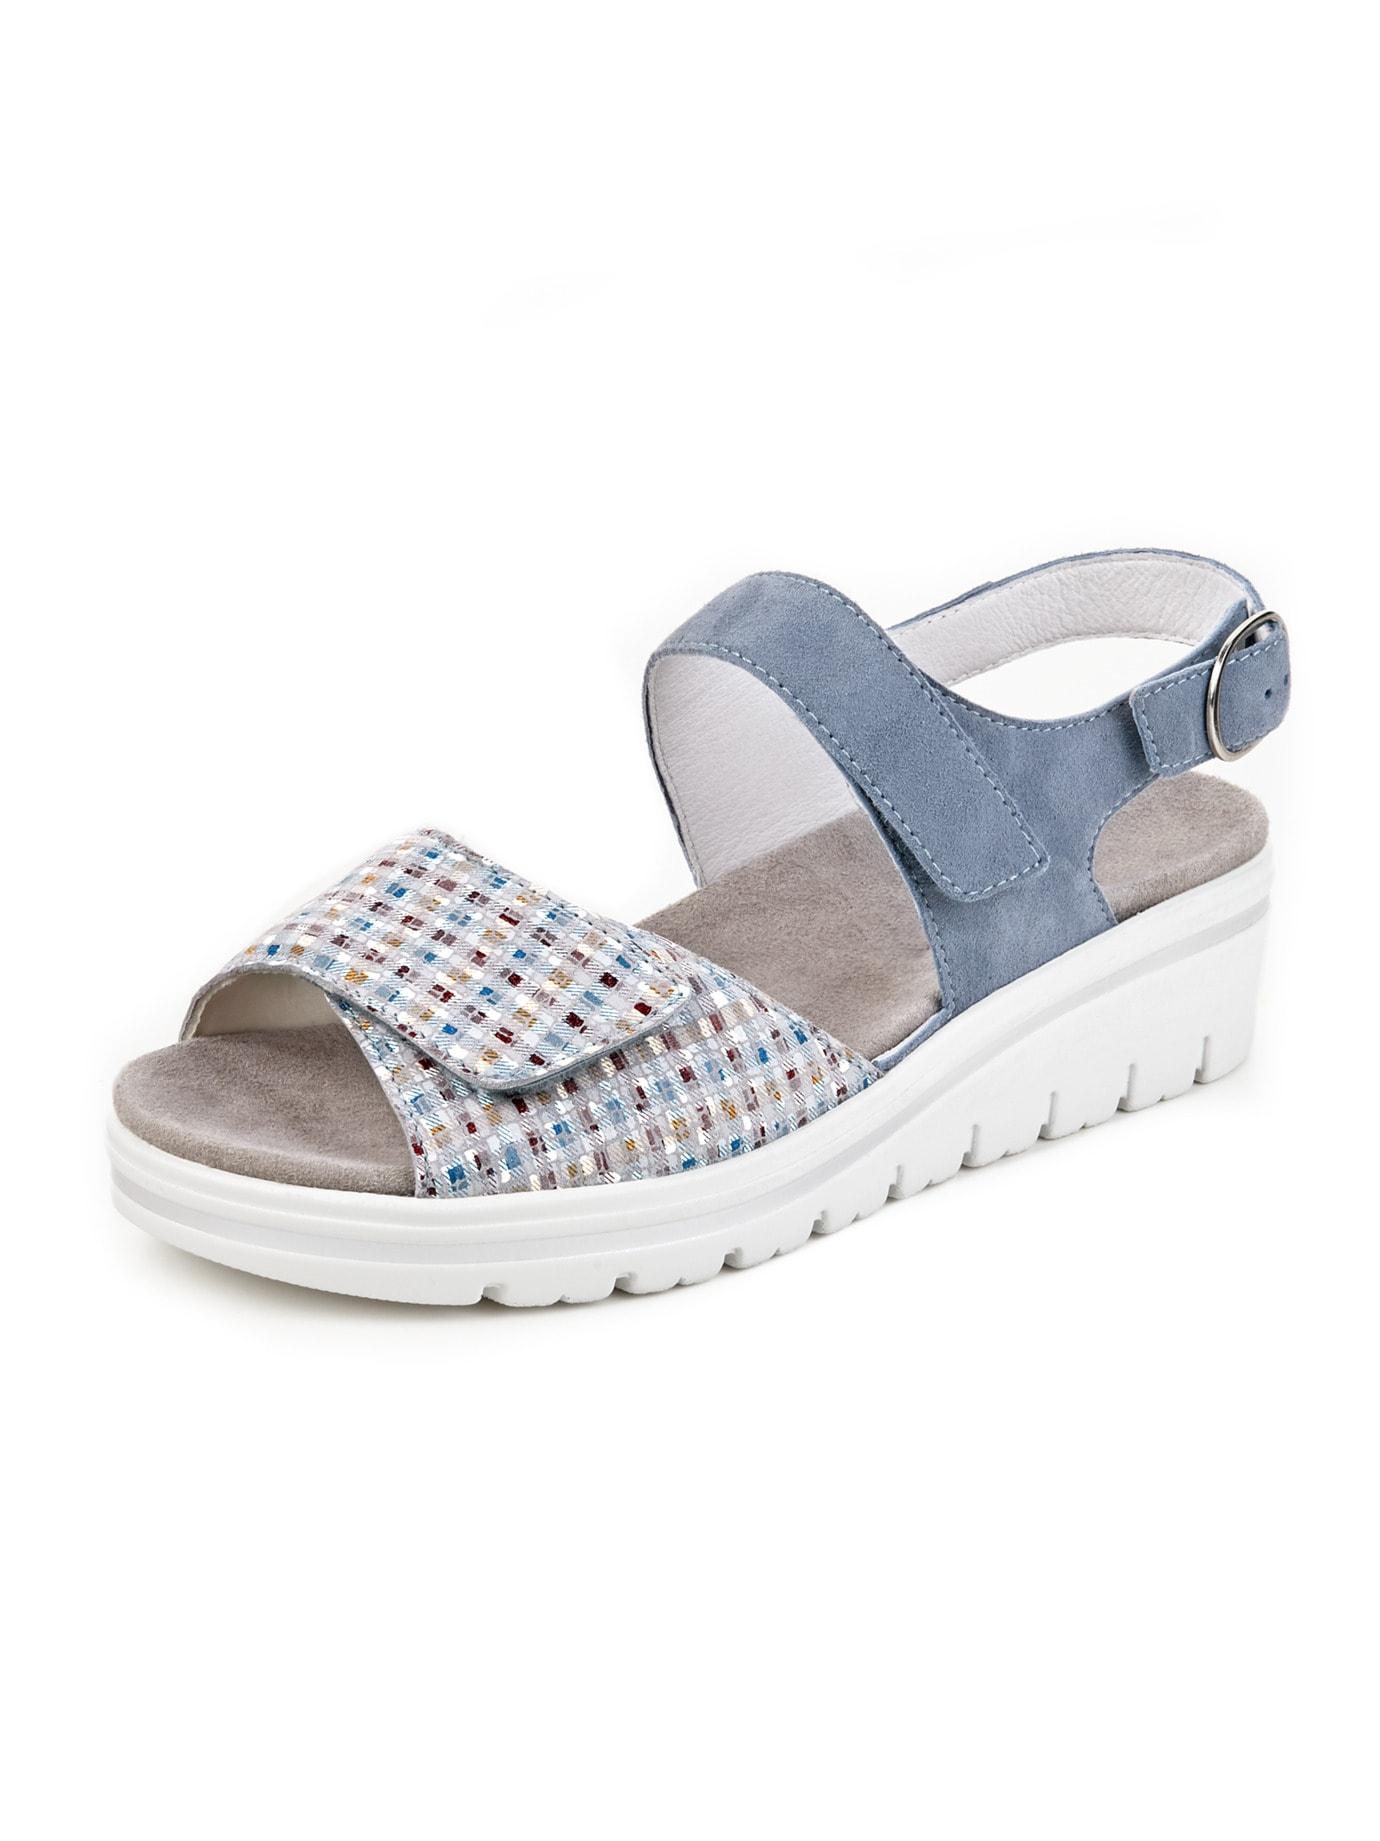 Avena Damen Hallux-Sandale de Luxe Blau 45-7952-8